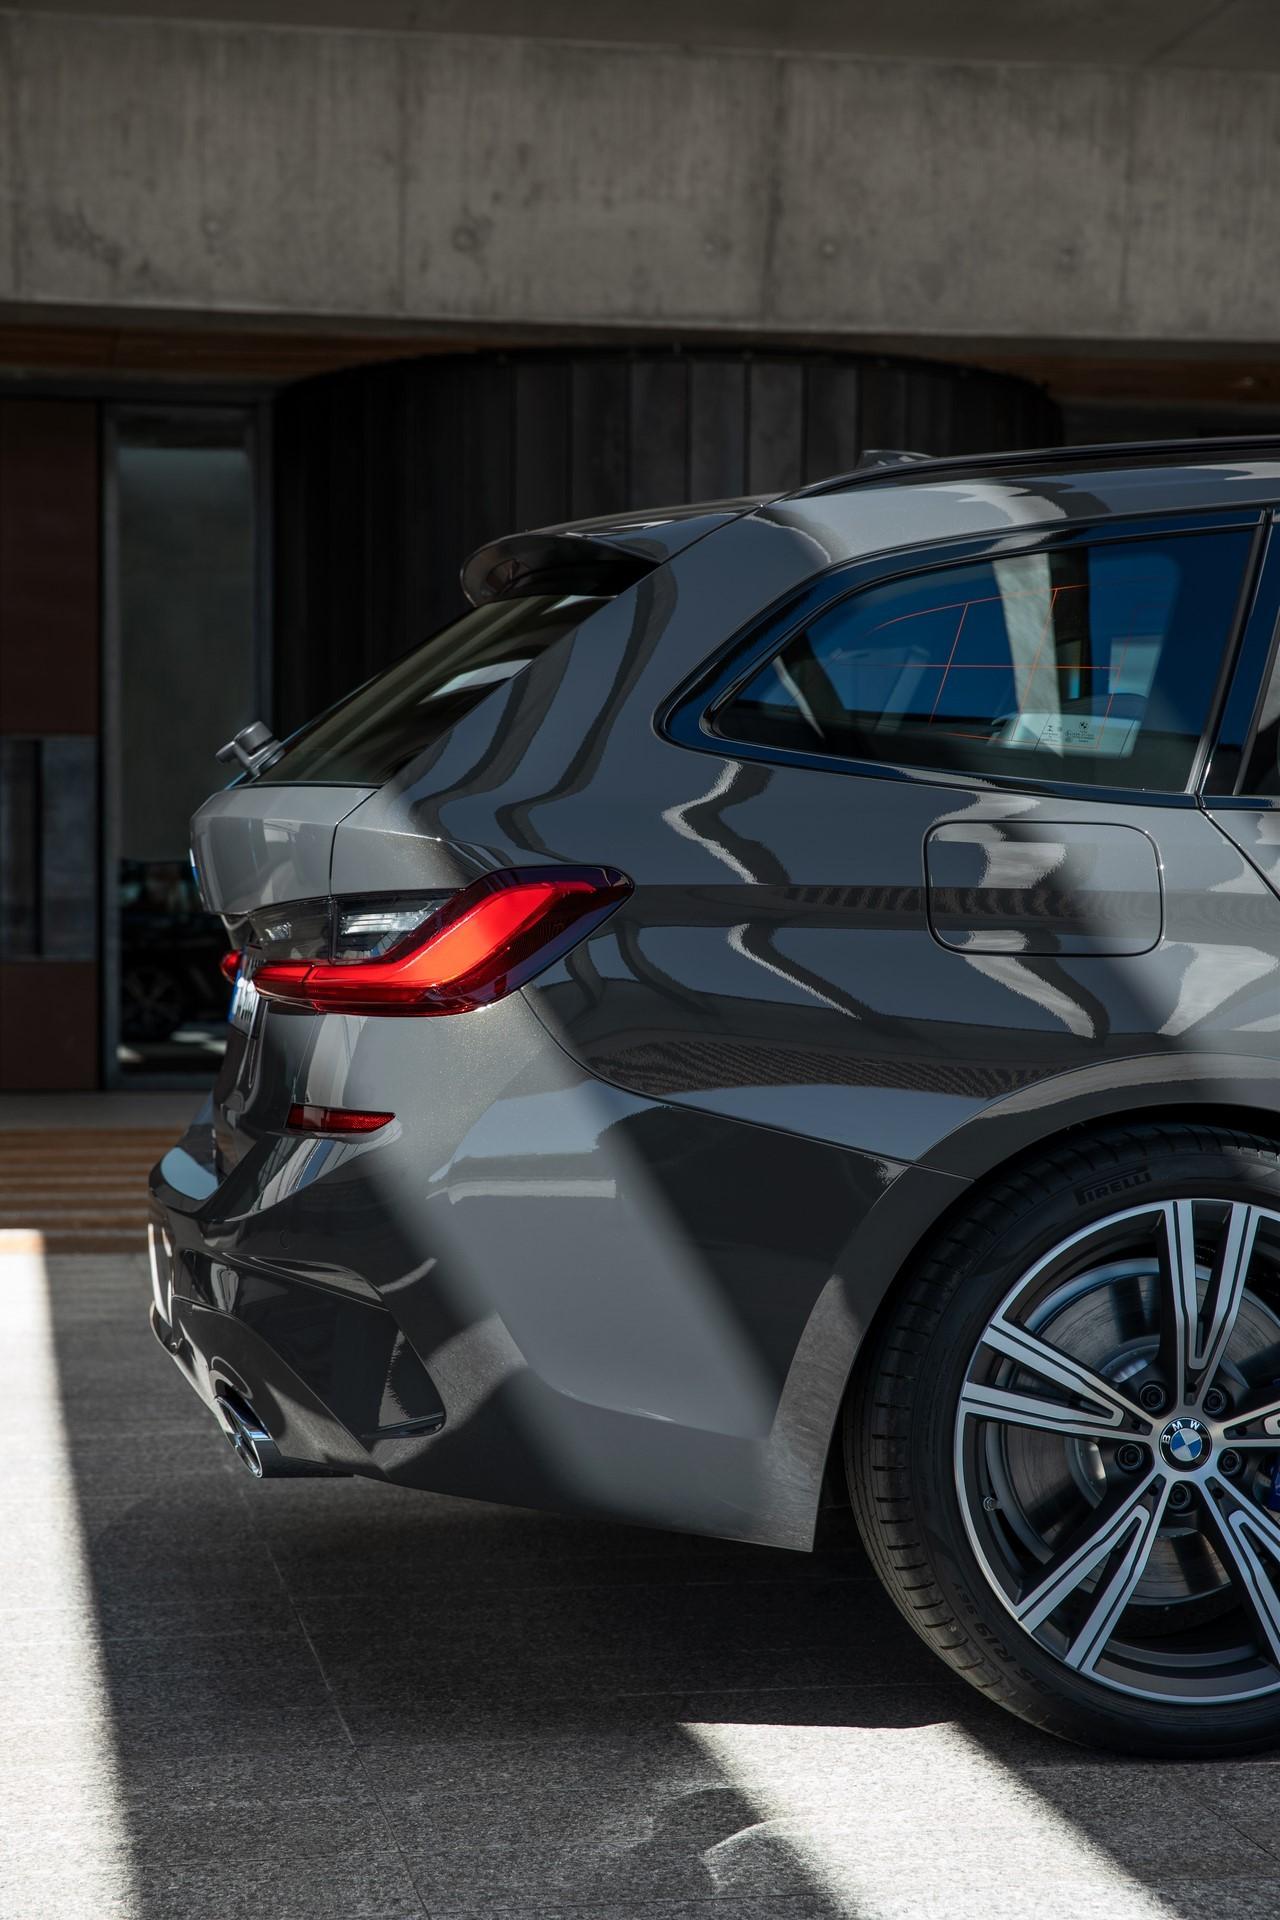 BMW-3-Series-Touring-2019-86